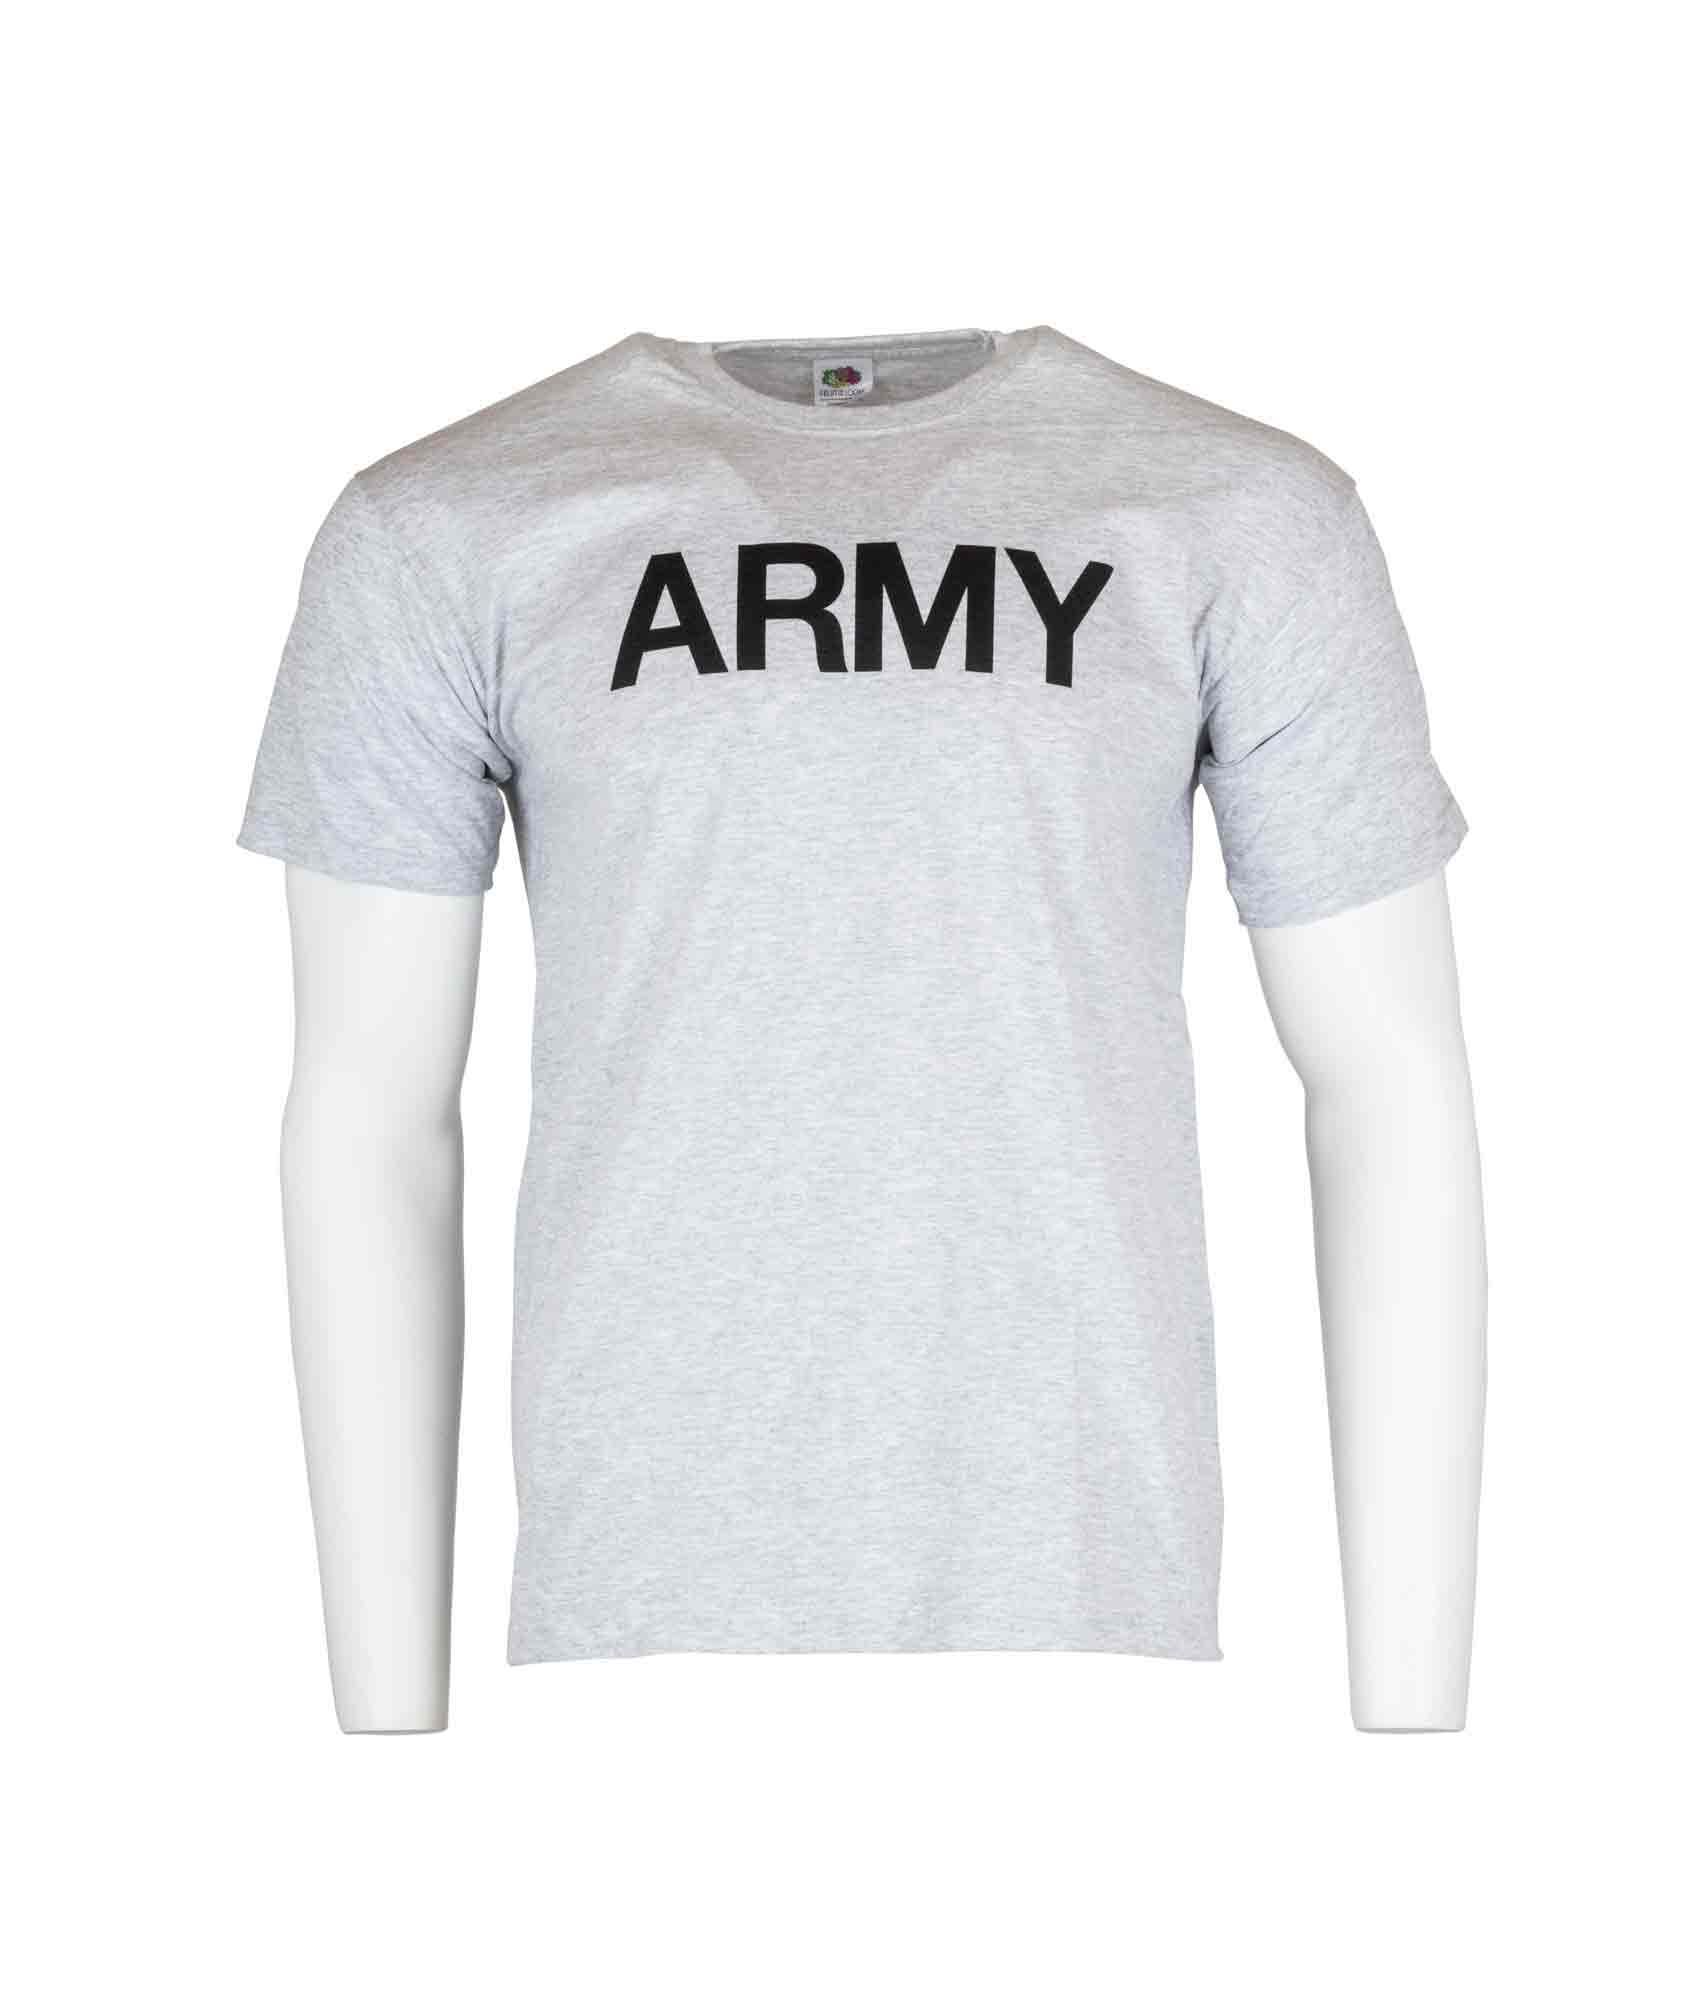 T shirt ARMY, grå